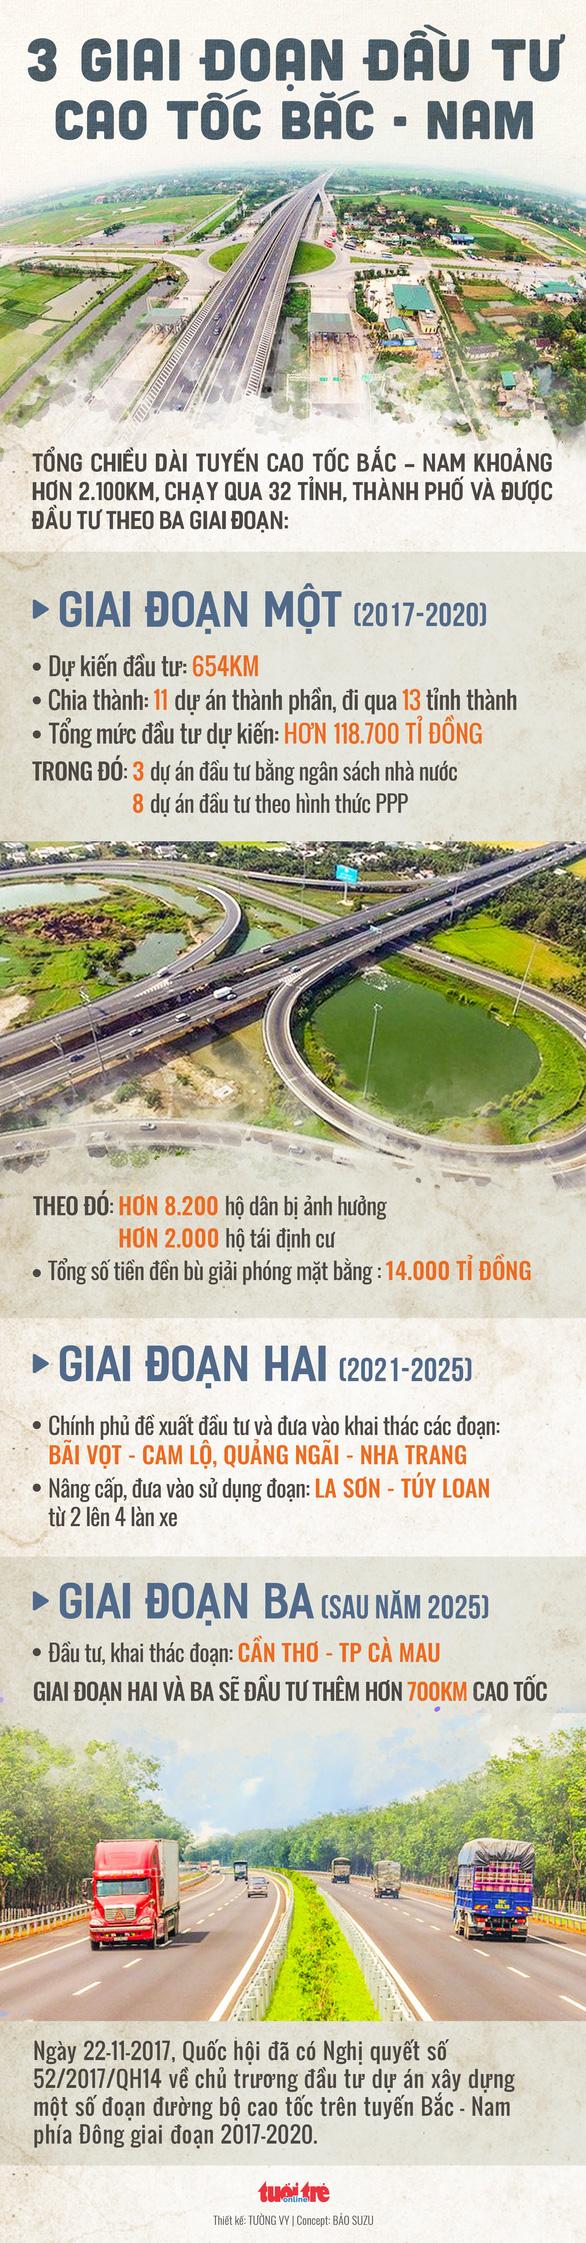 Năm 2019 phải khởi công tiếp một số đoạn đường cao tốc Bắc - Nam - Ảnh 3.